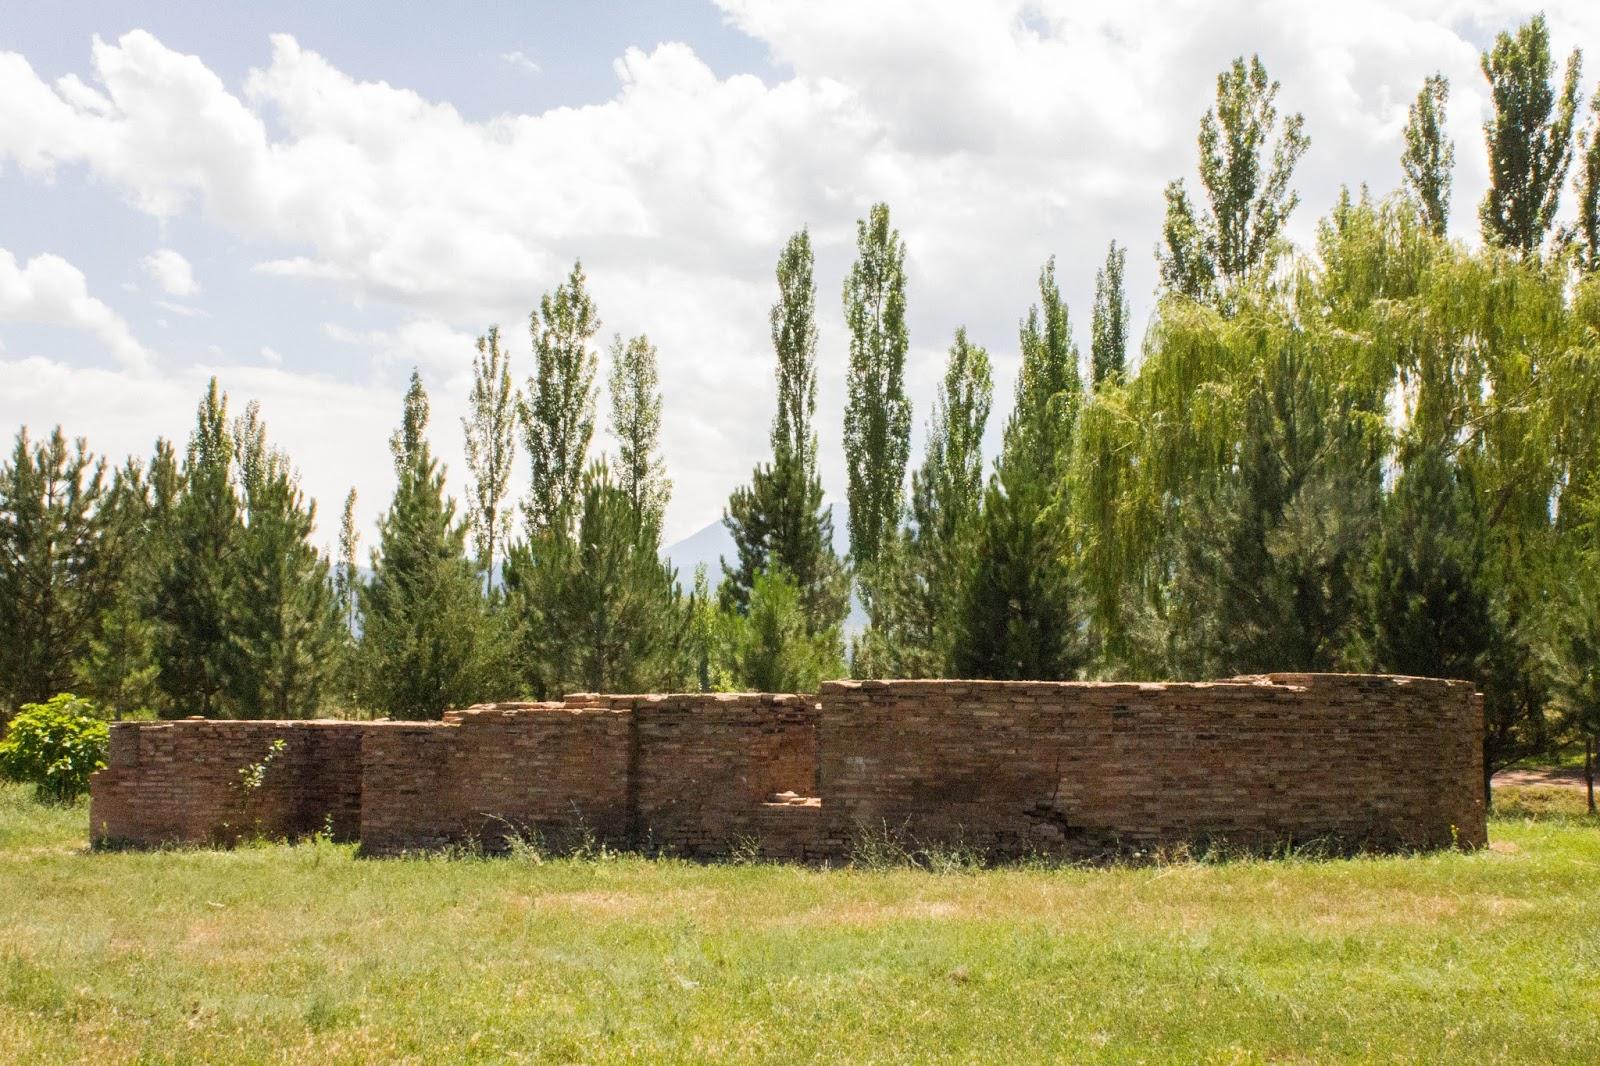 Кыргызстан, Бурана, башня, кумбез